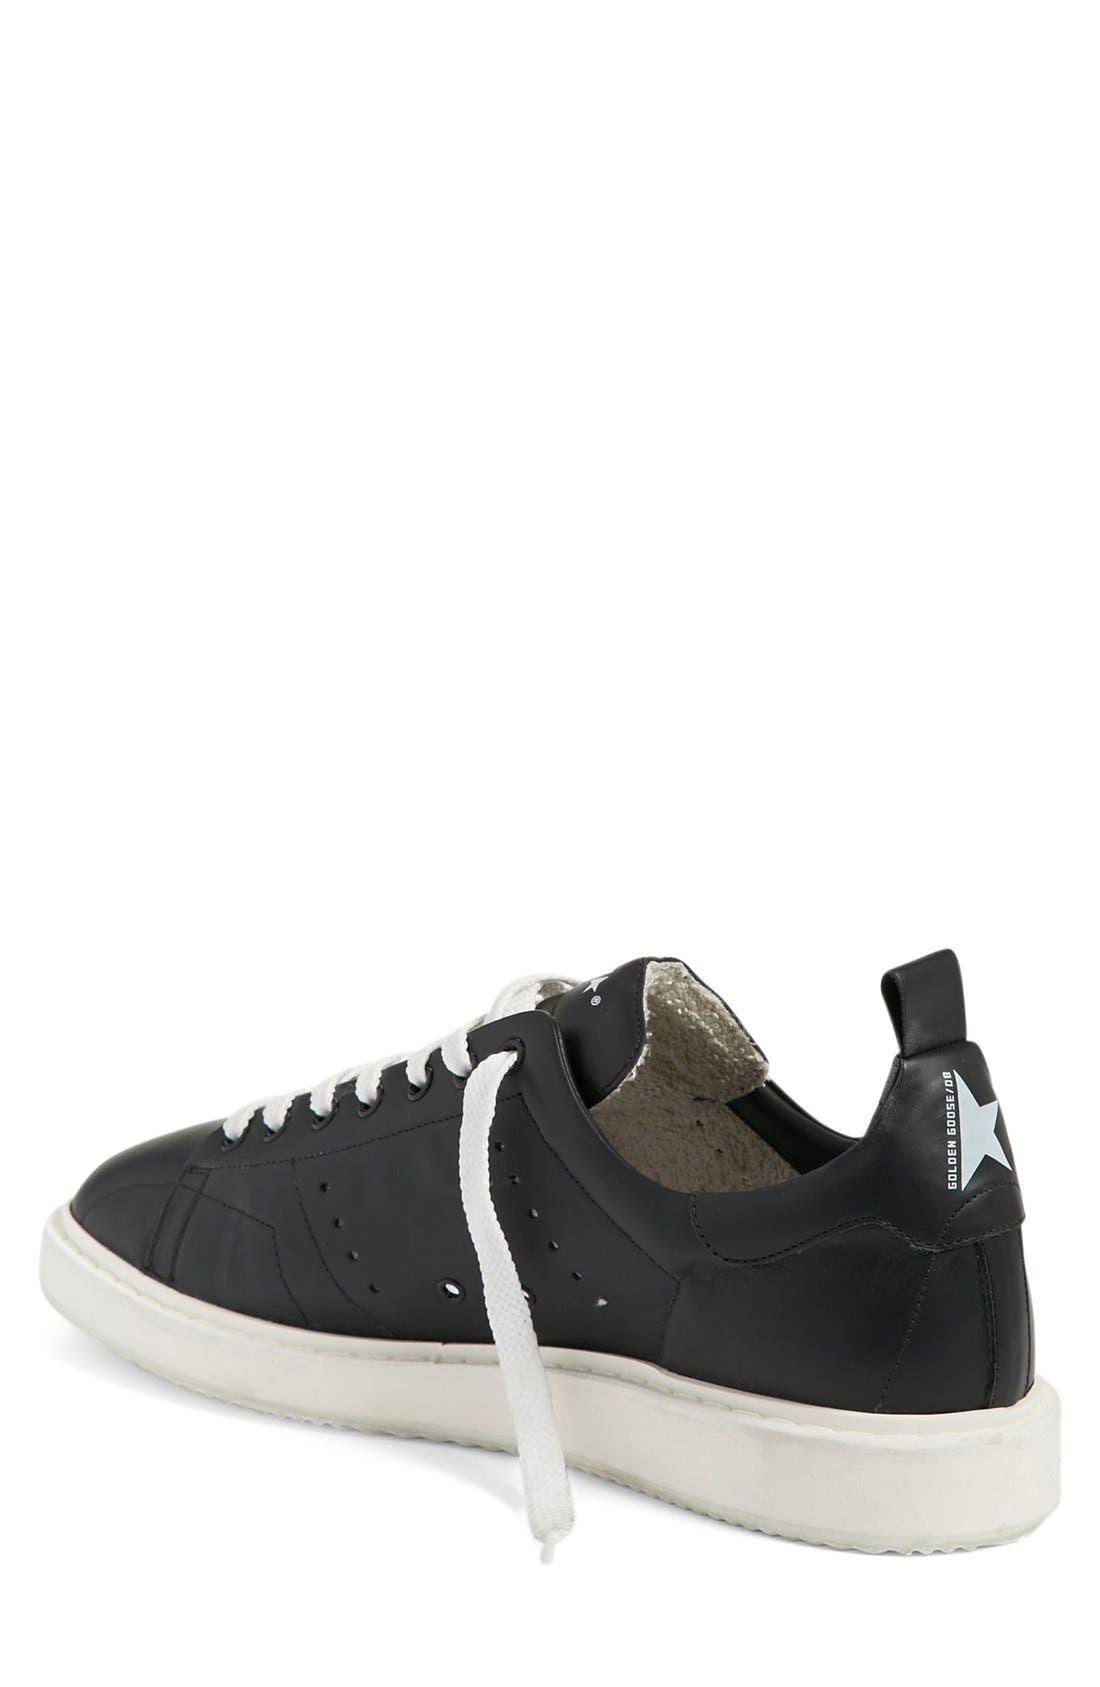 'Starter' Sneaker,                             Alternate thumbnail 2, color,                             001